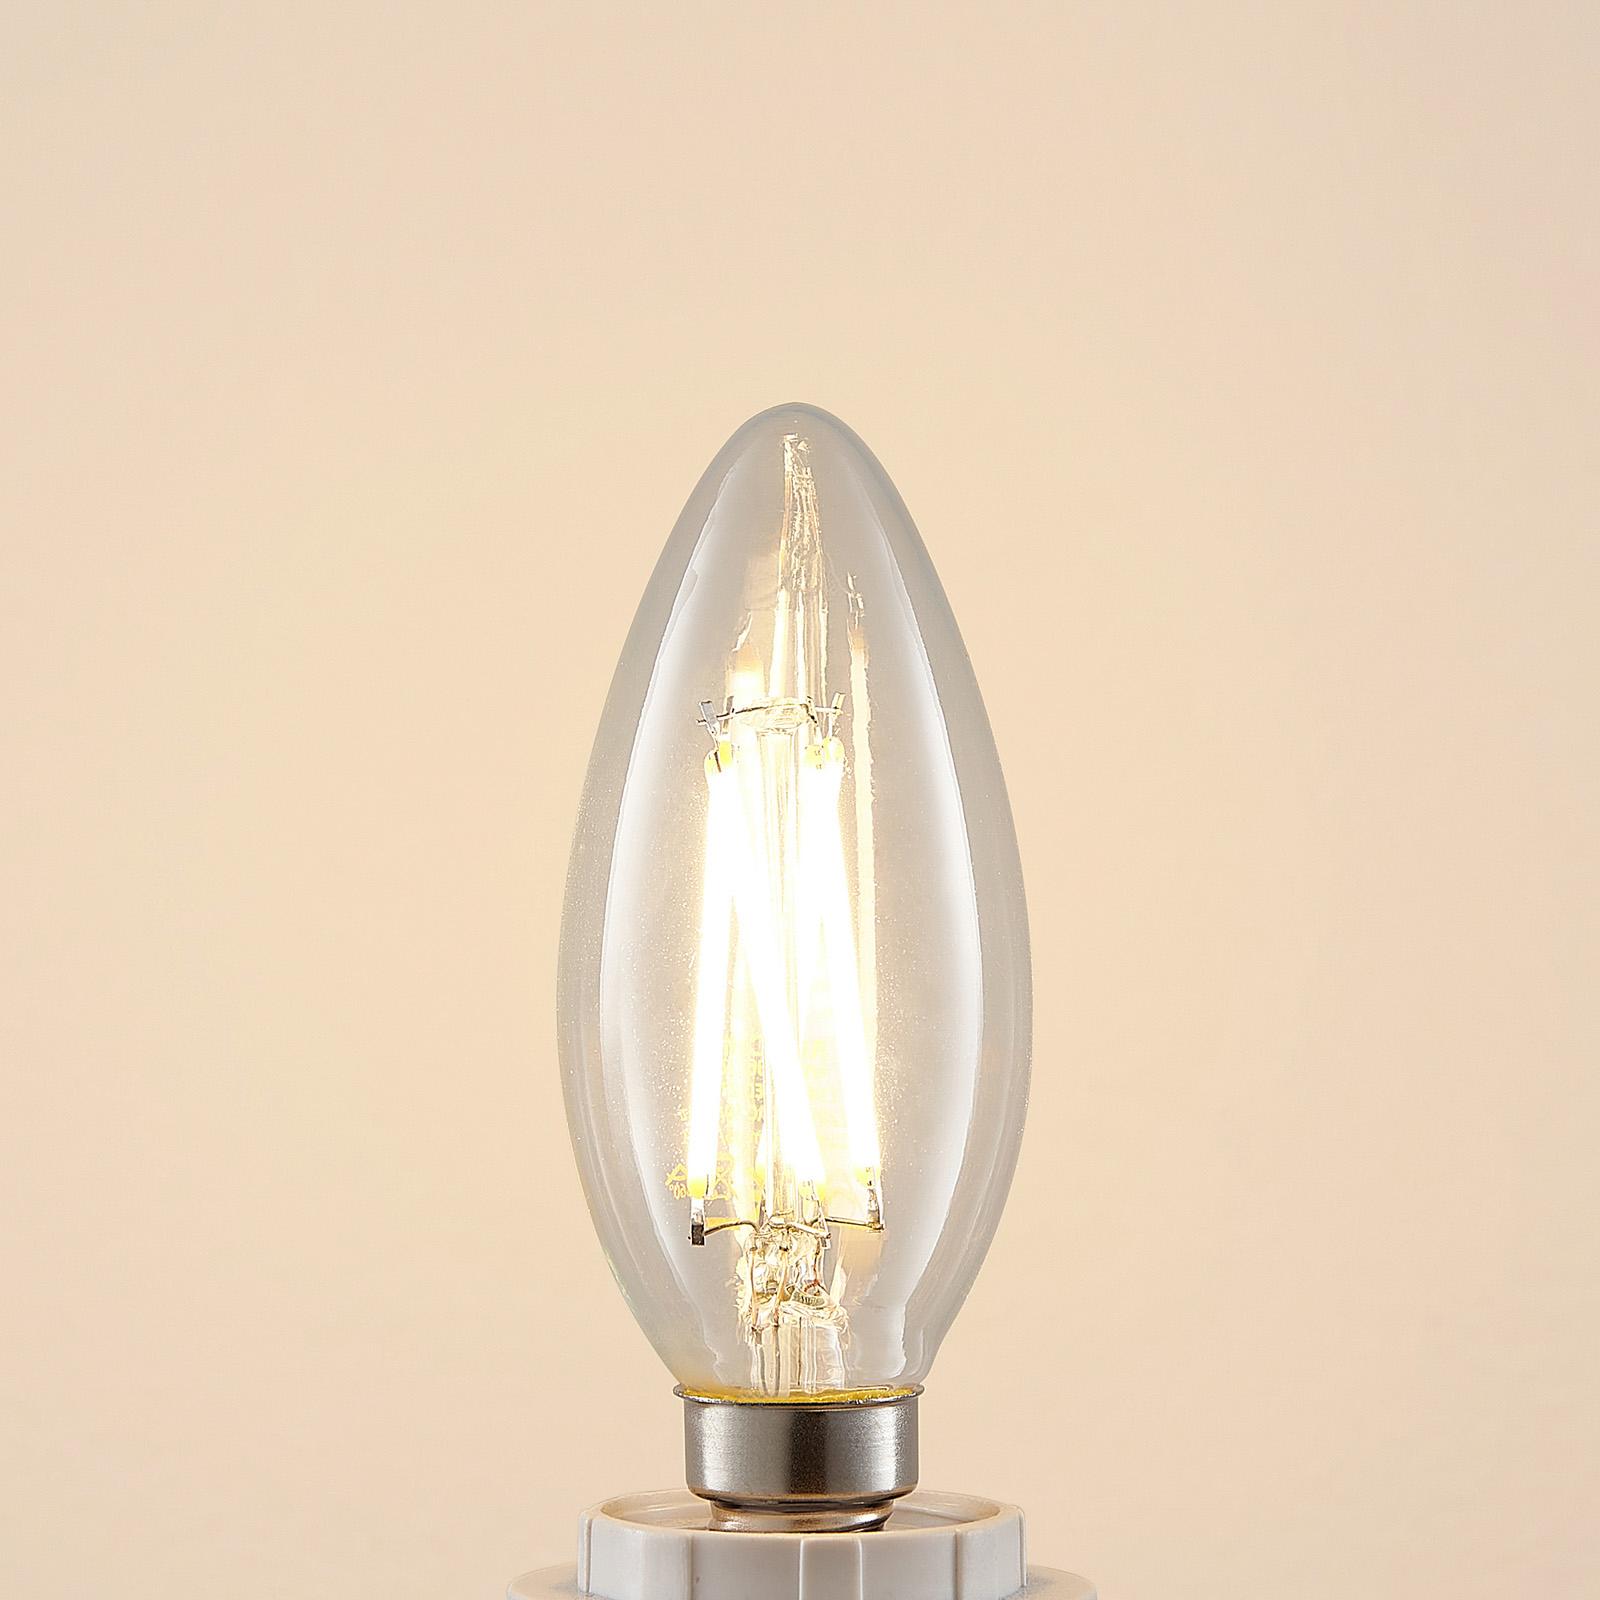 LED-lampa E14 4W 2700K ljus, filament, dimbar